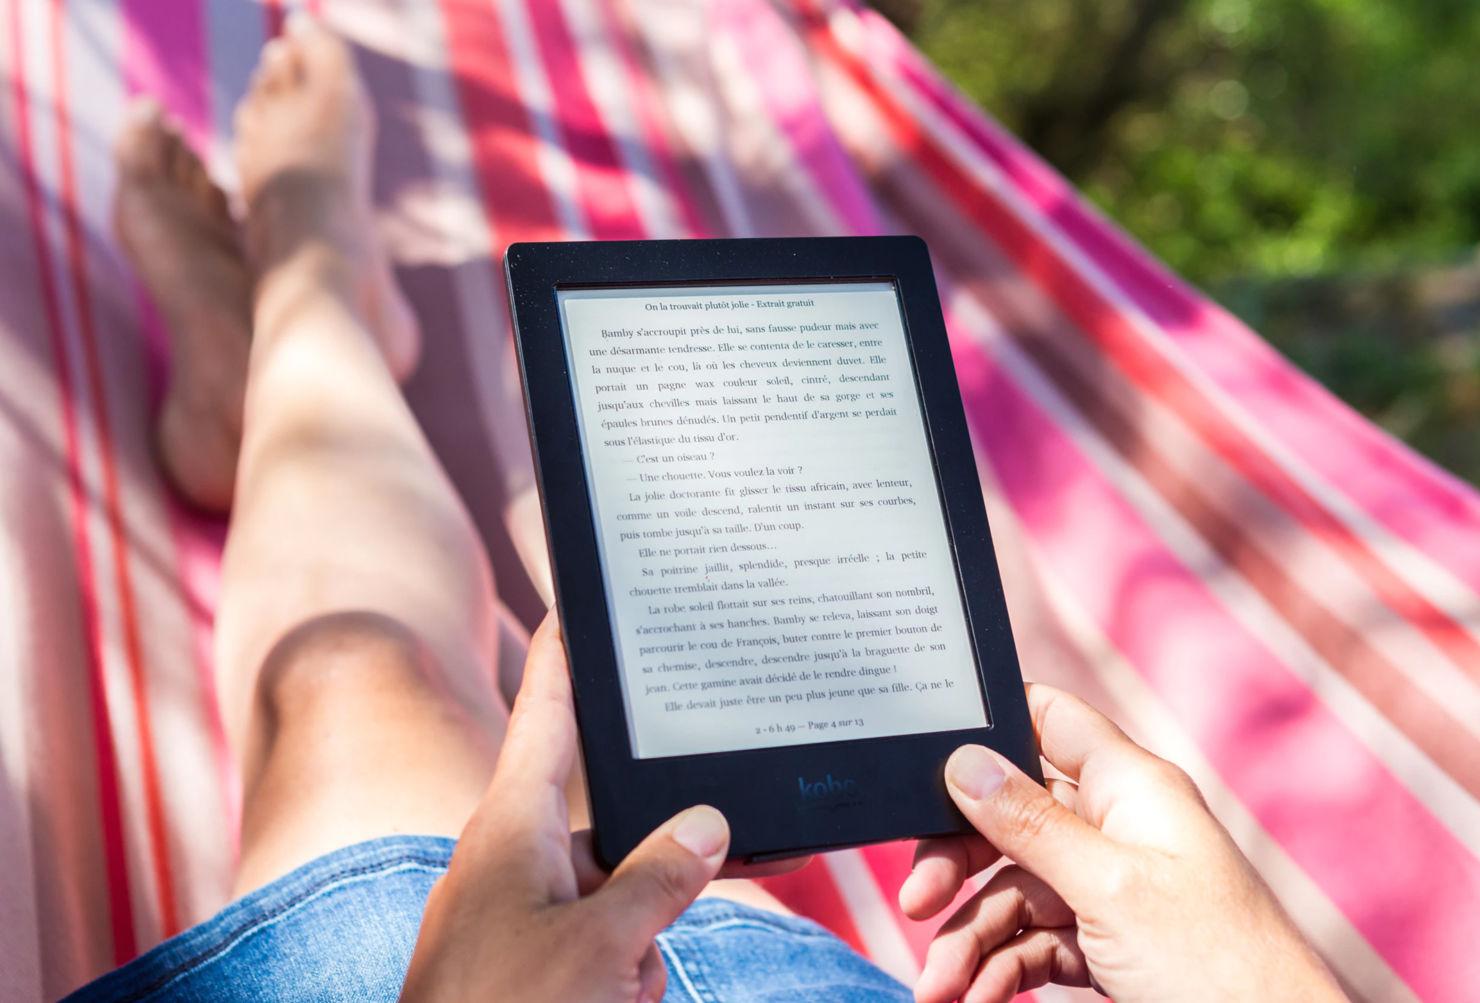 Si tienes ganas de leer, aquí encontrarás diferentes opciones de libros GRATIS por un mes